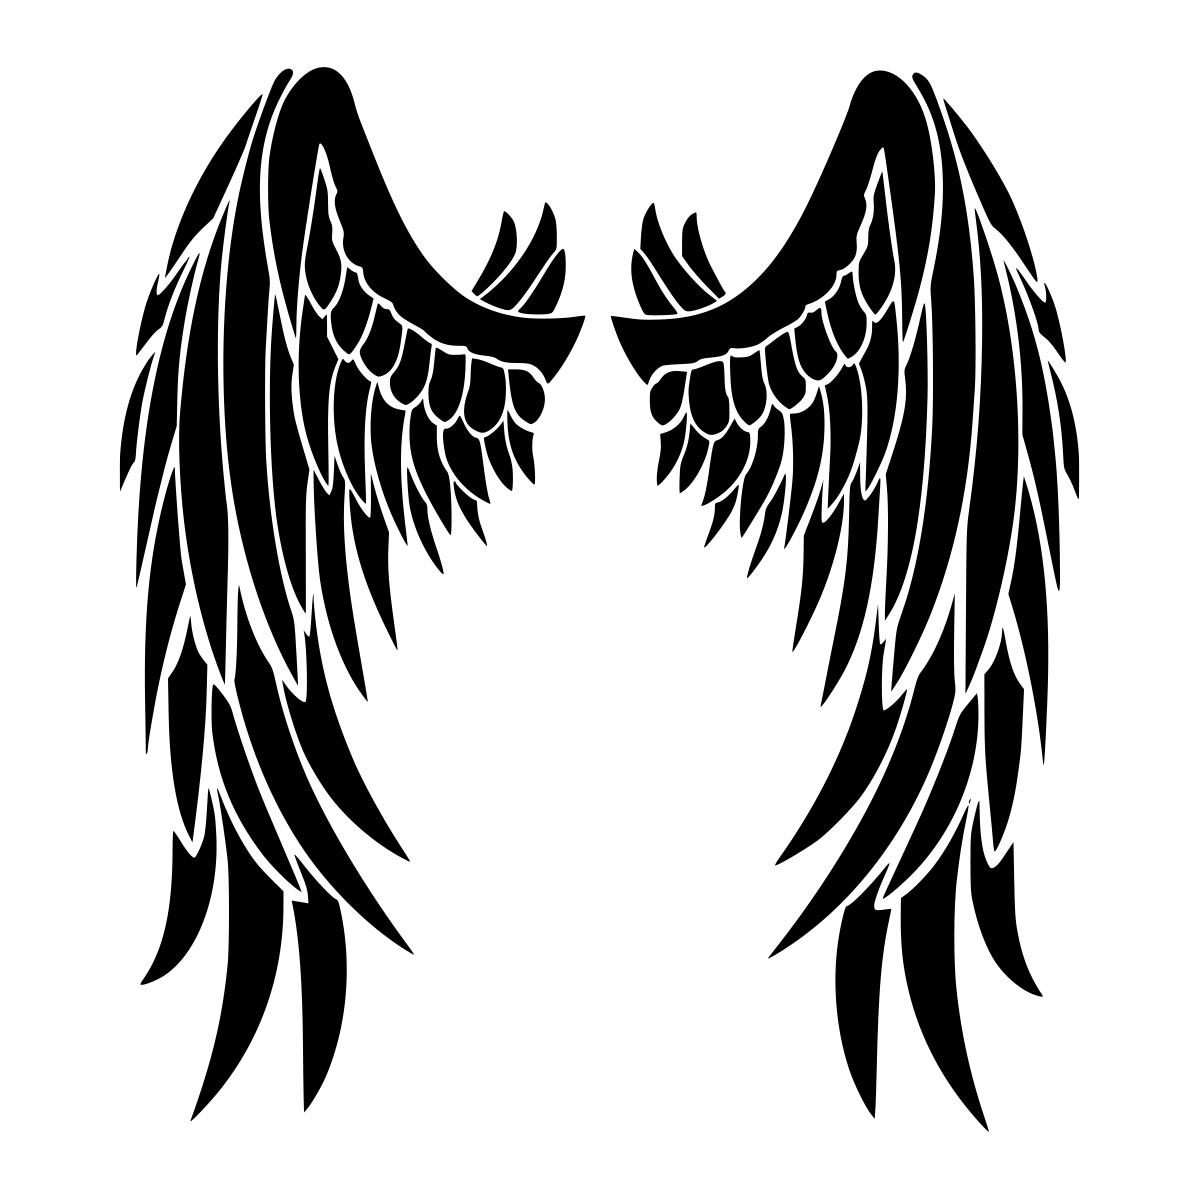 Gambar Angel Heart: Angel Wings Design Auto Car Racing Motorcycle Helmet Decal